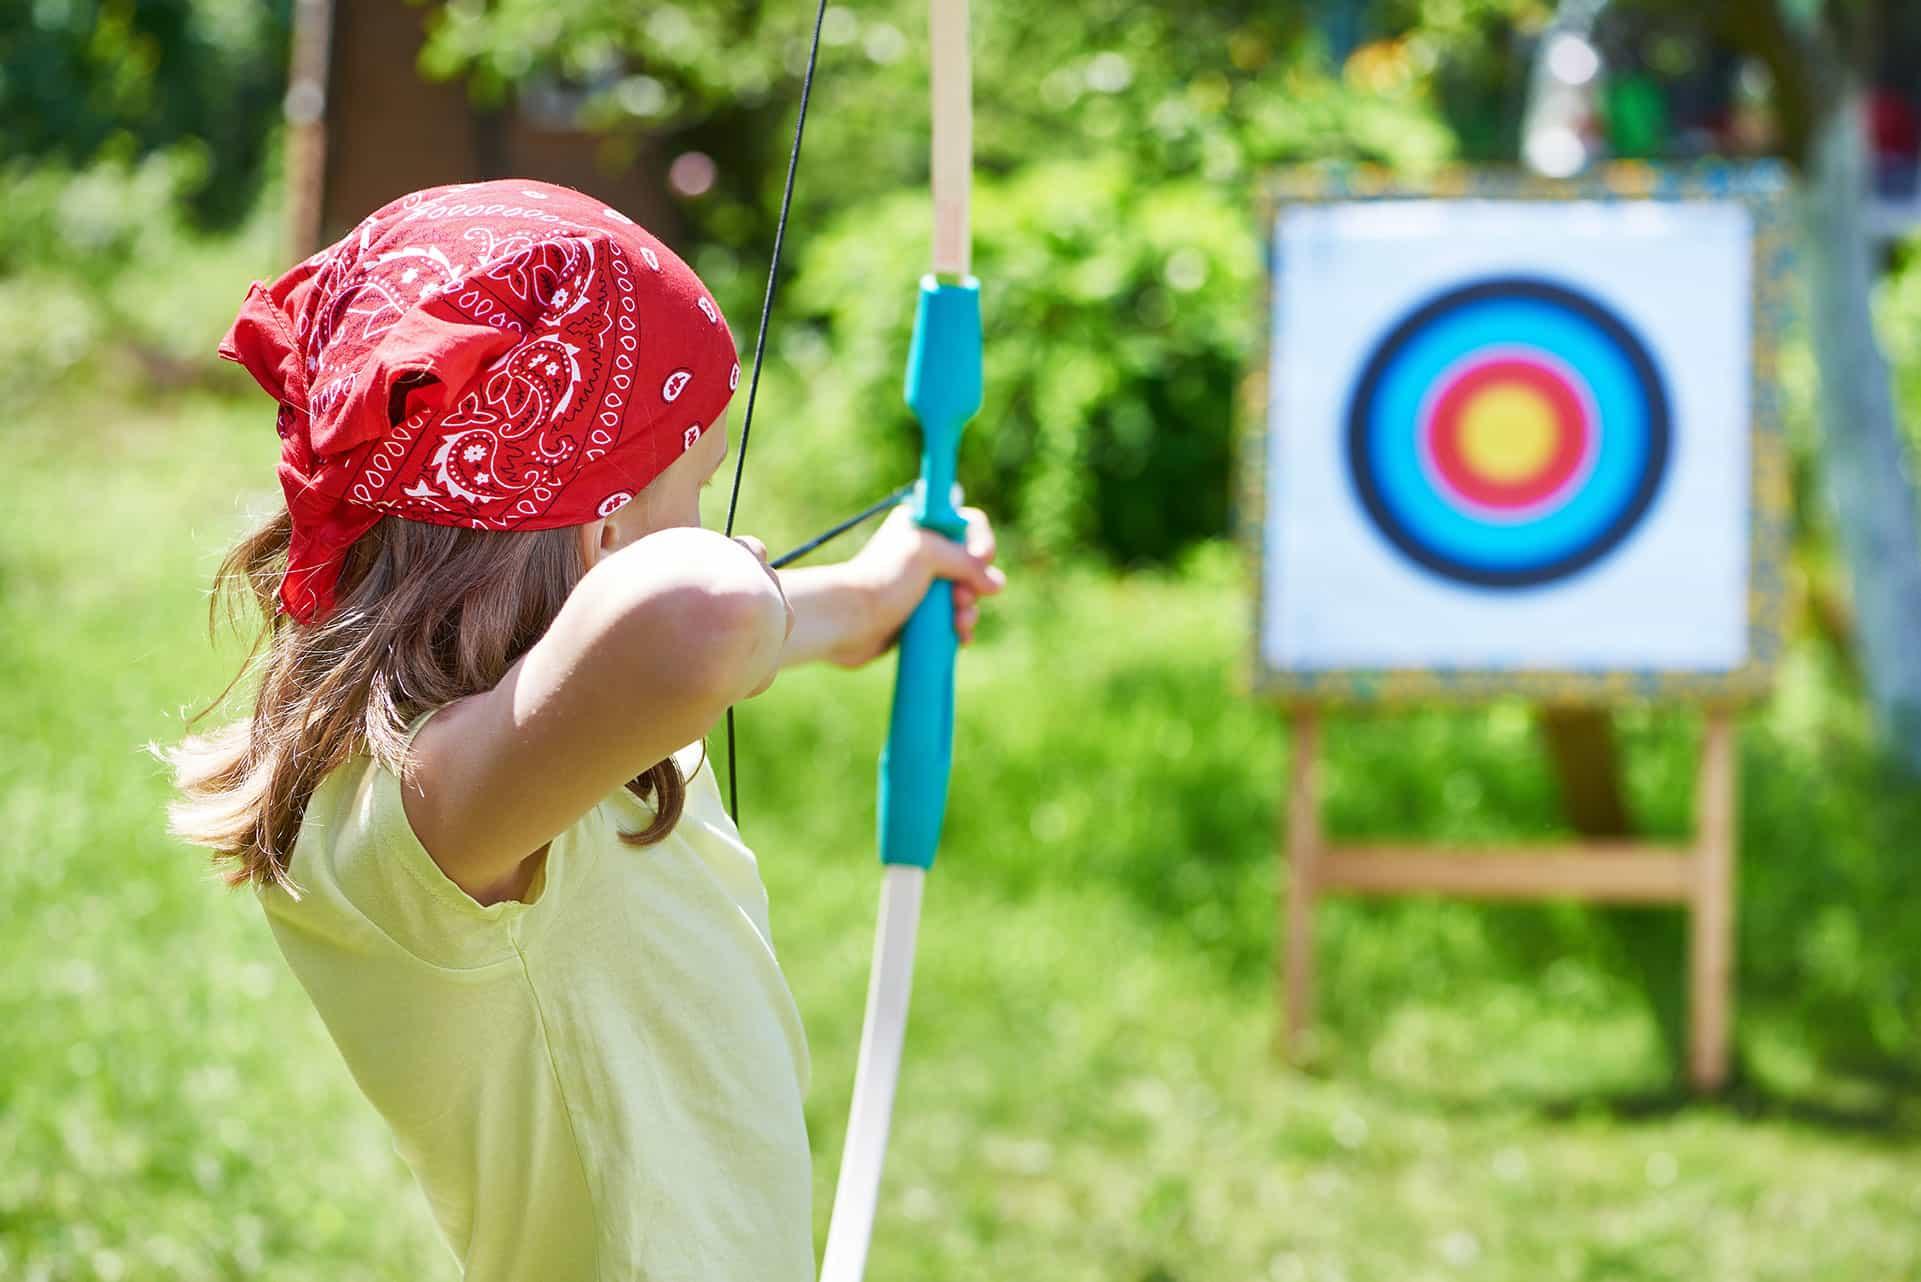 Ett barn skjuter med pilbåge i trädgården